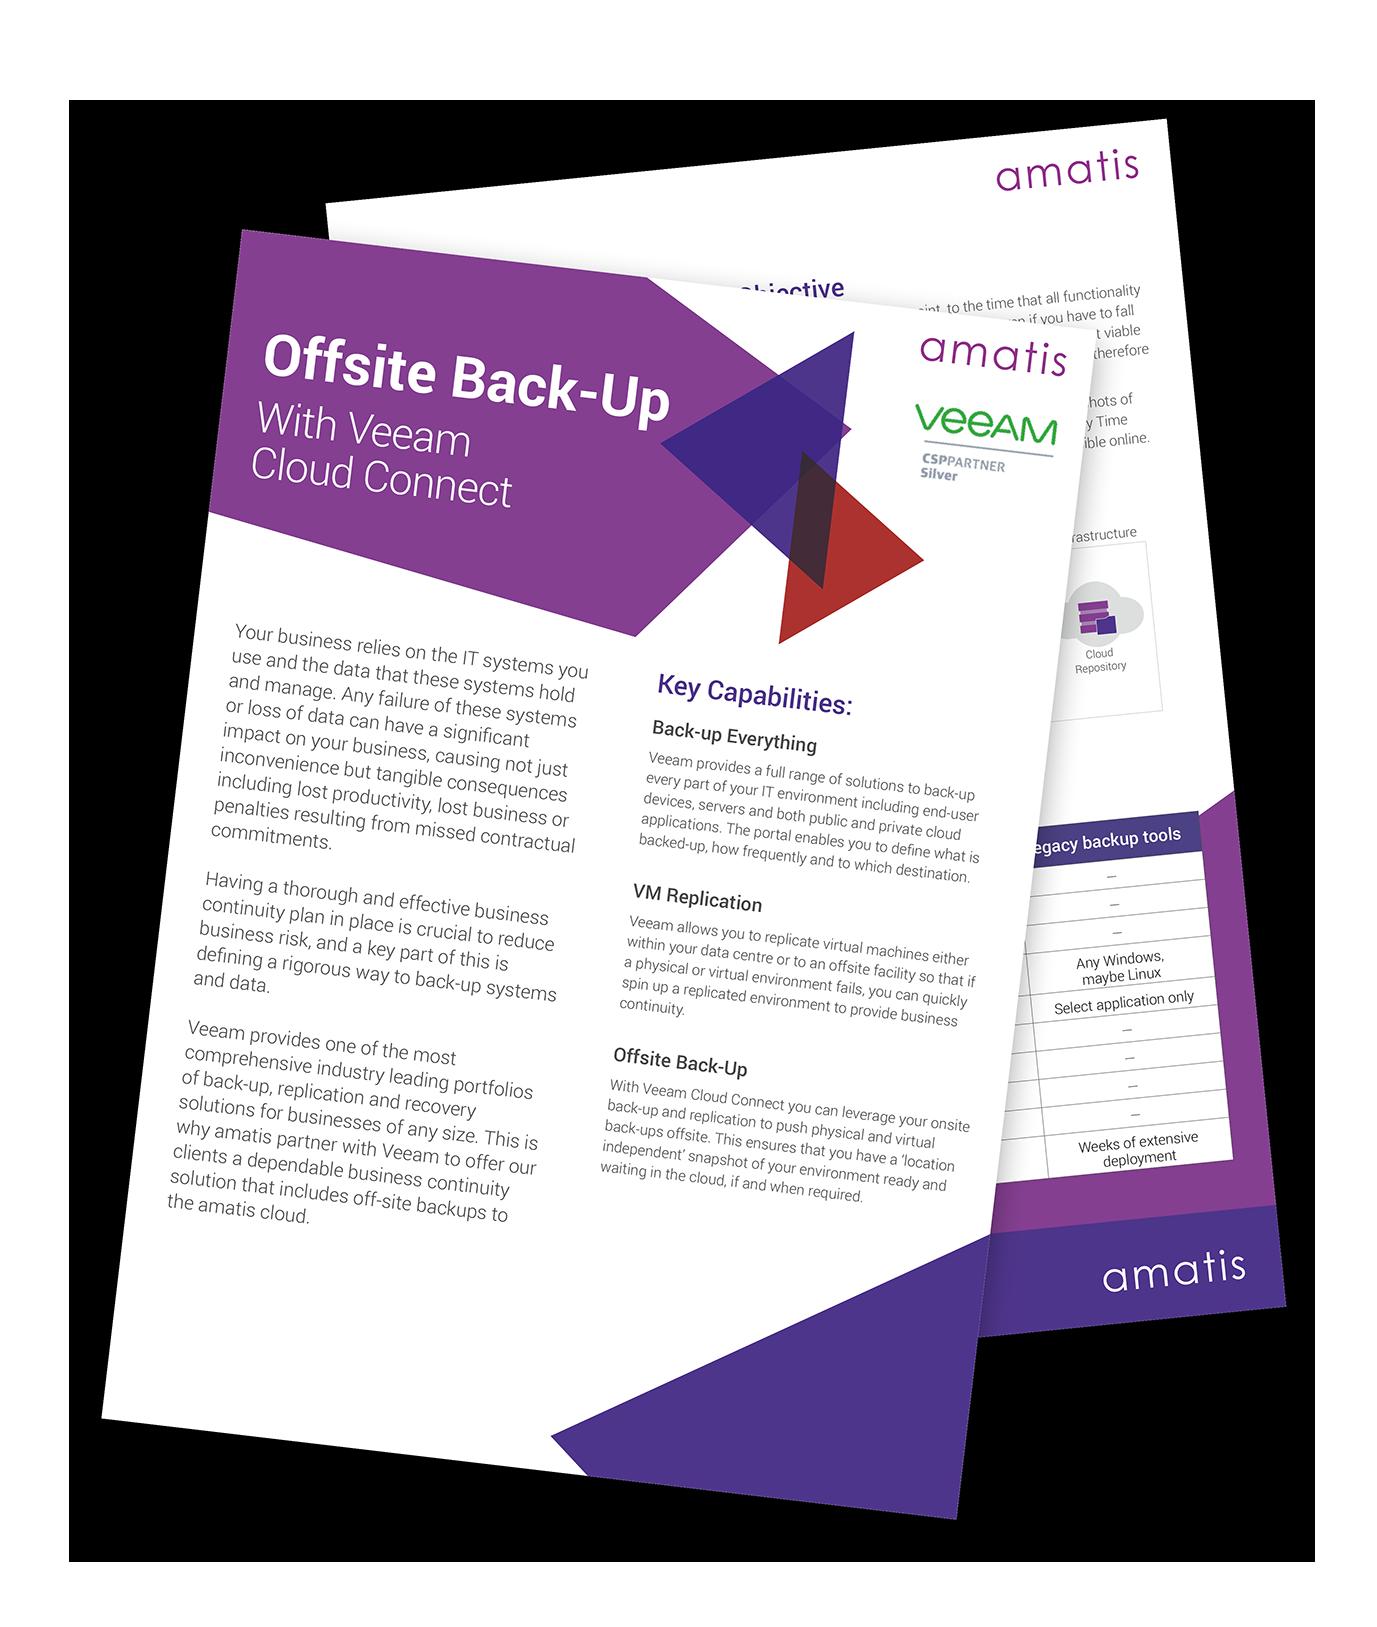 Amatis Offline Backups Veeam